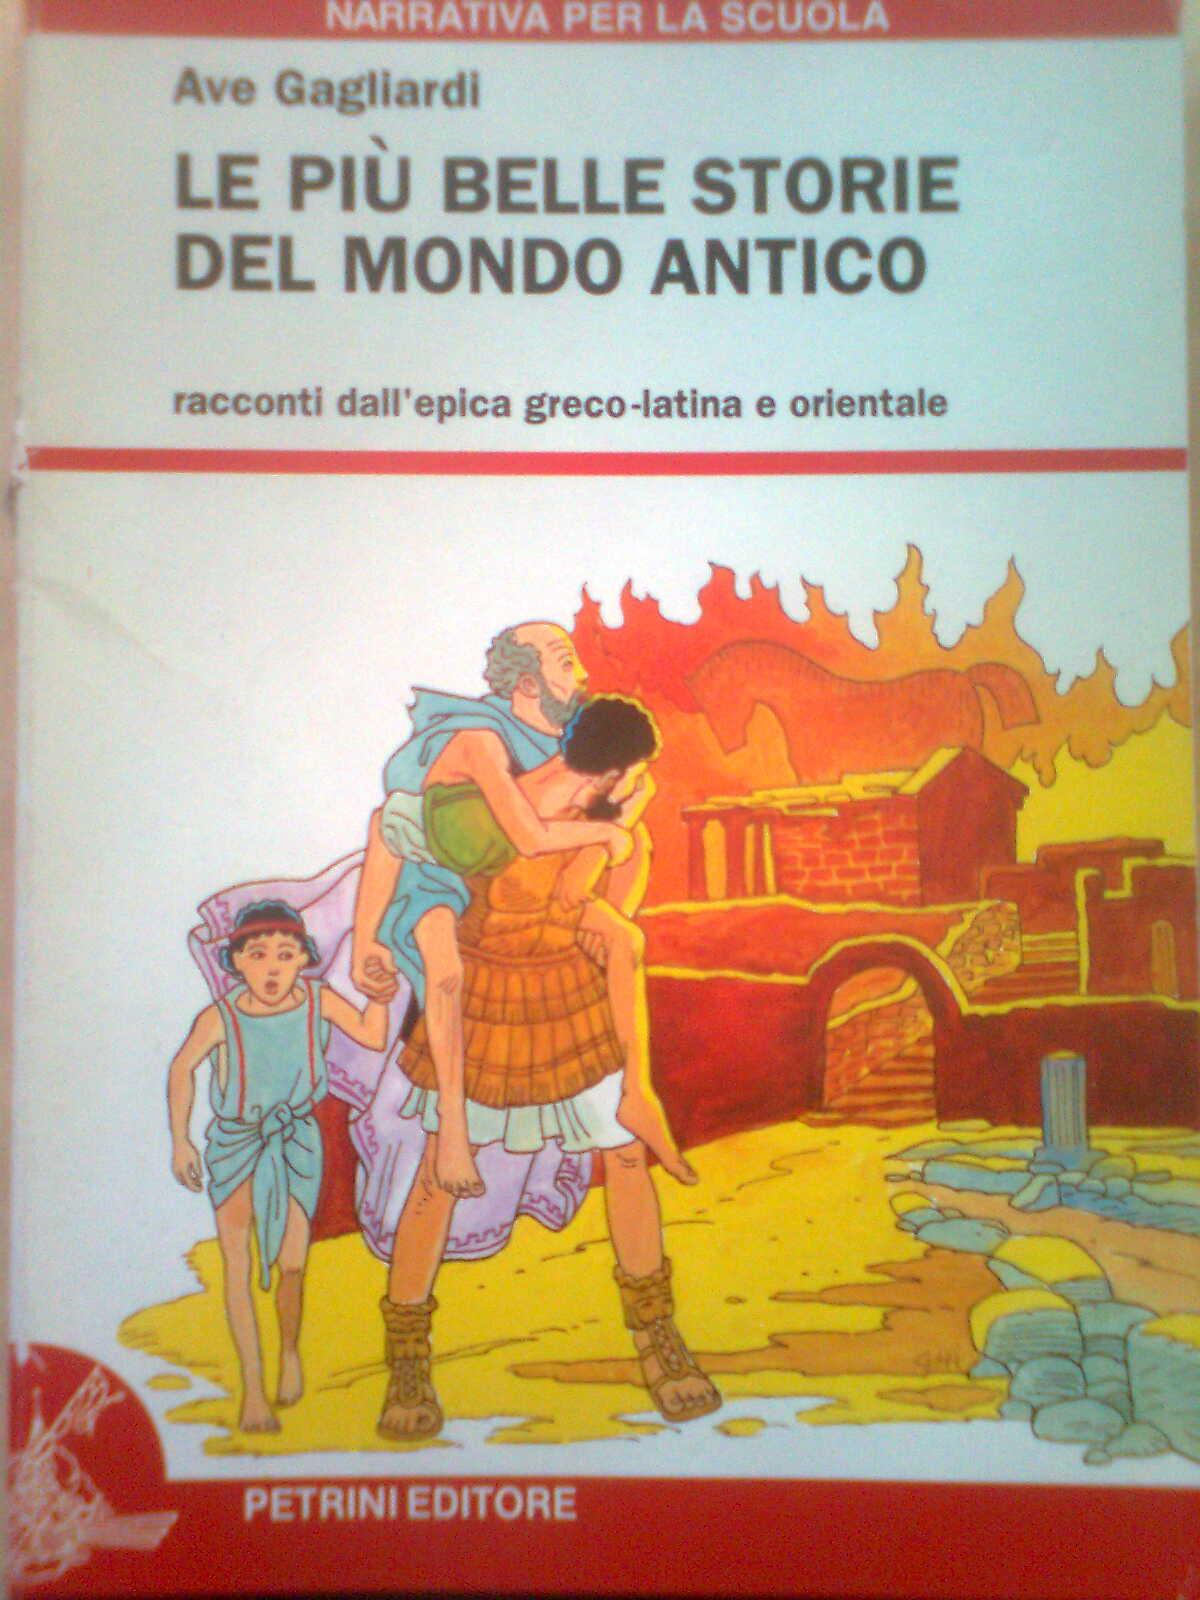 Le più belle storie del mondo antico